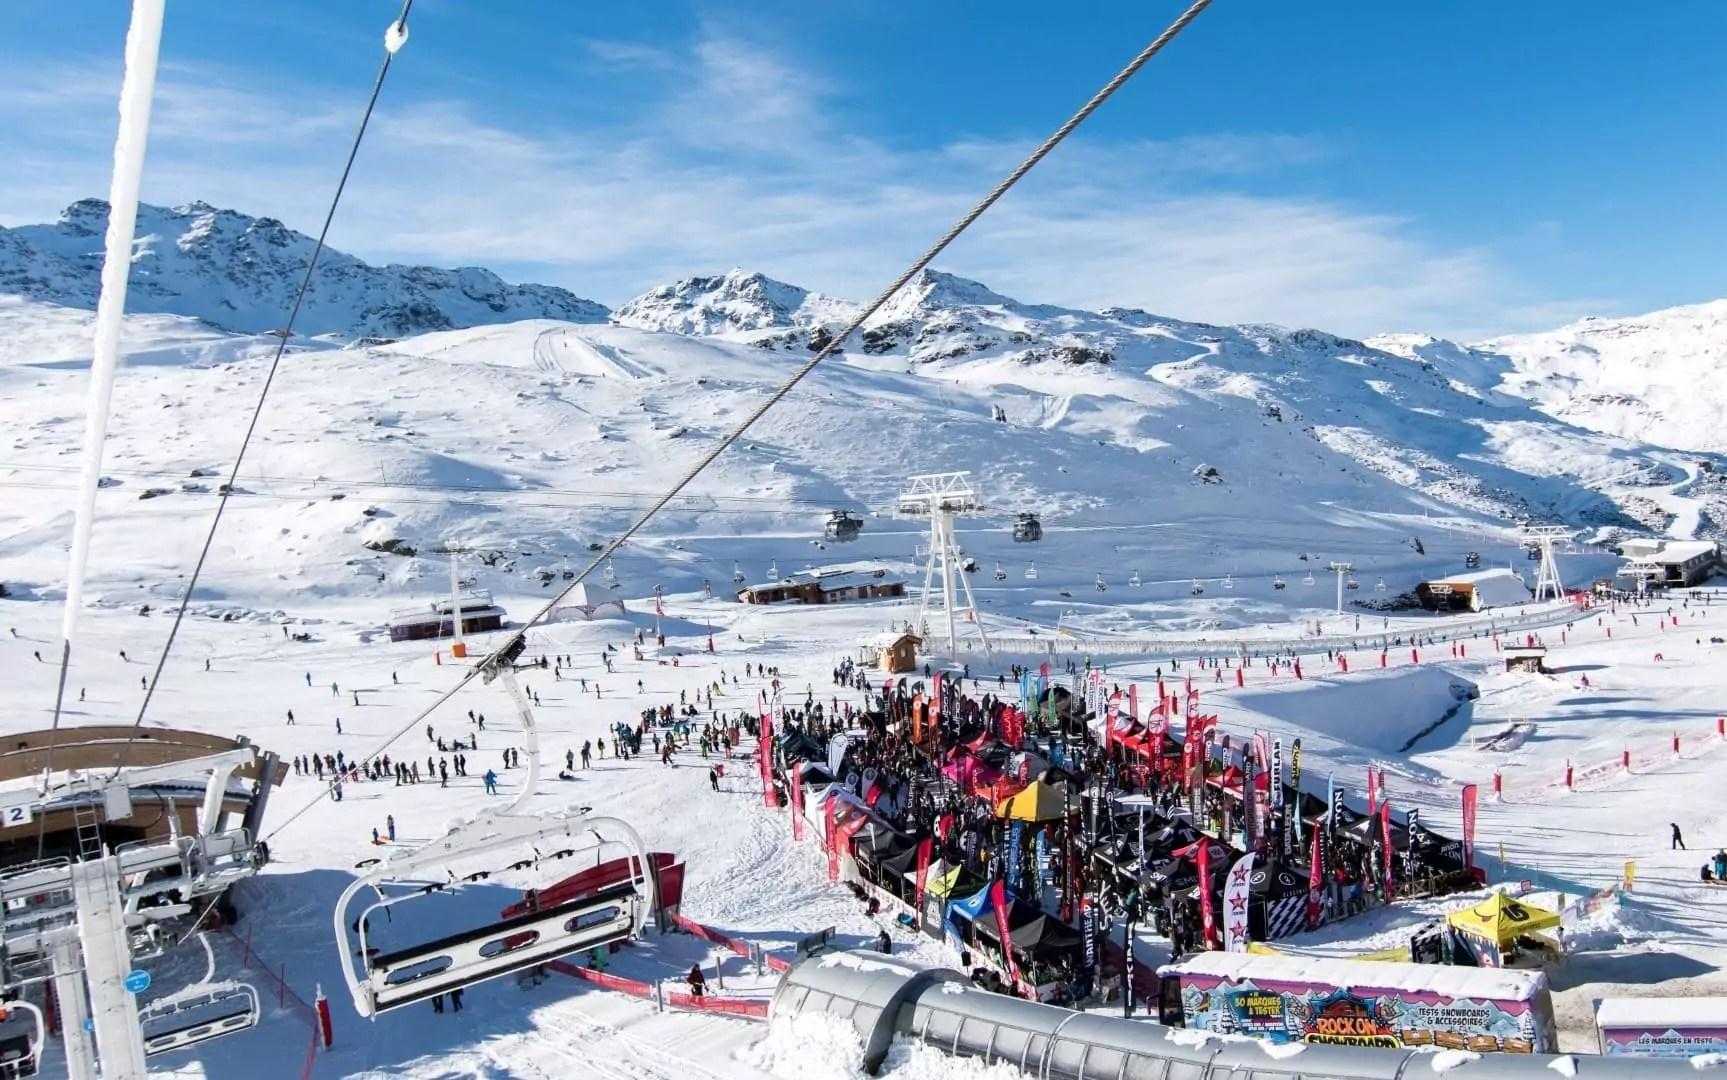 après-ski in Val Thorens